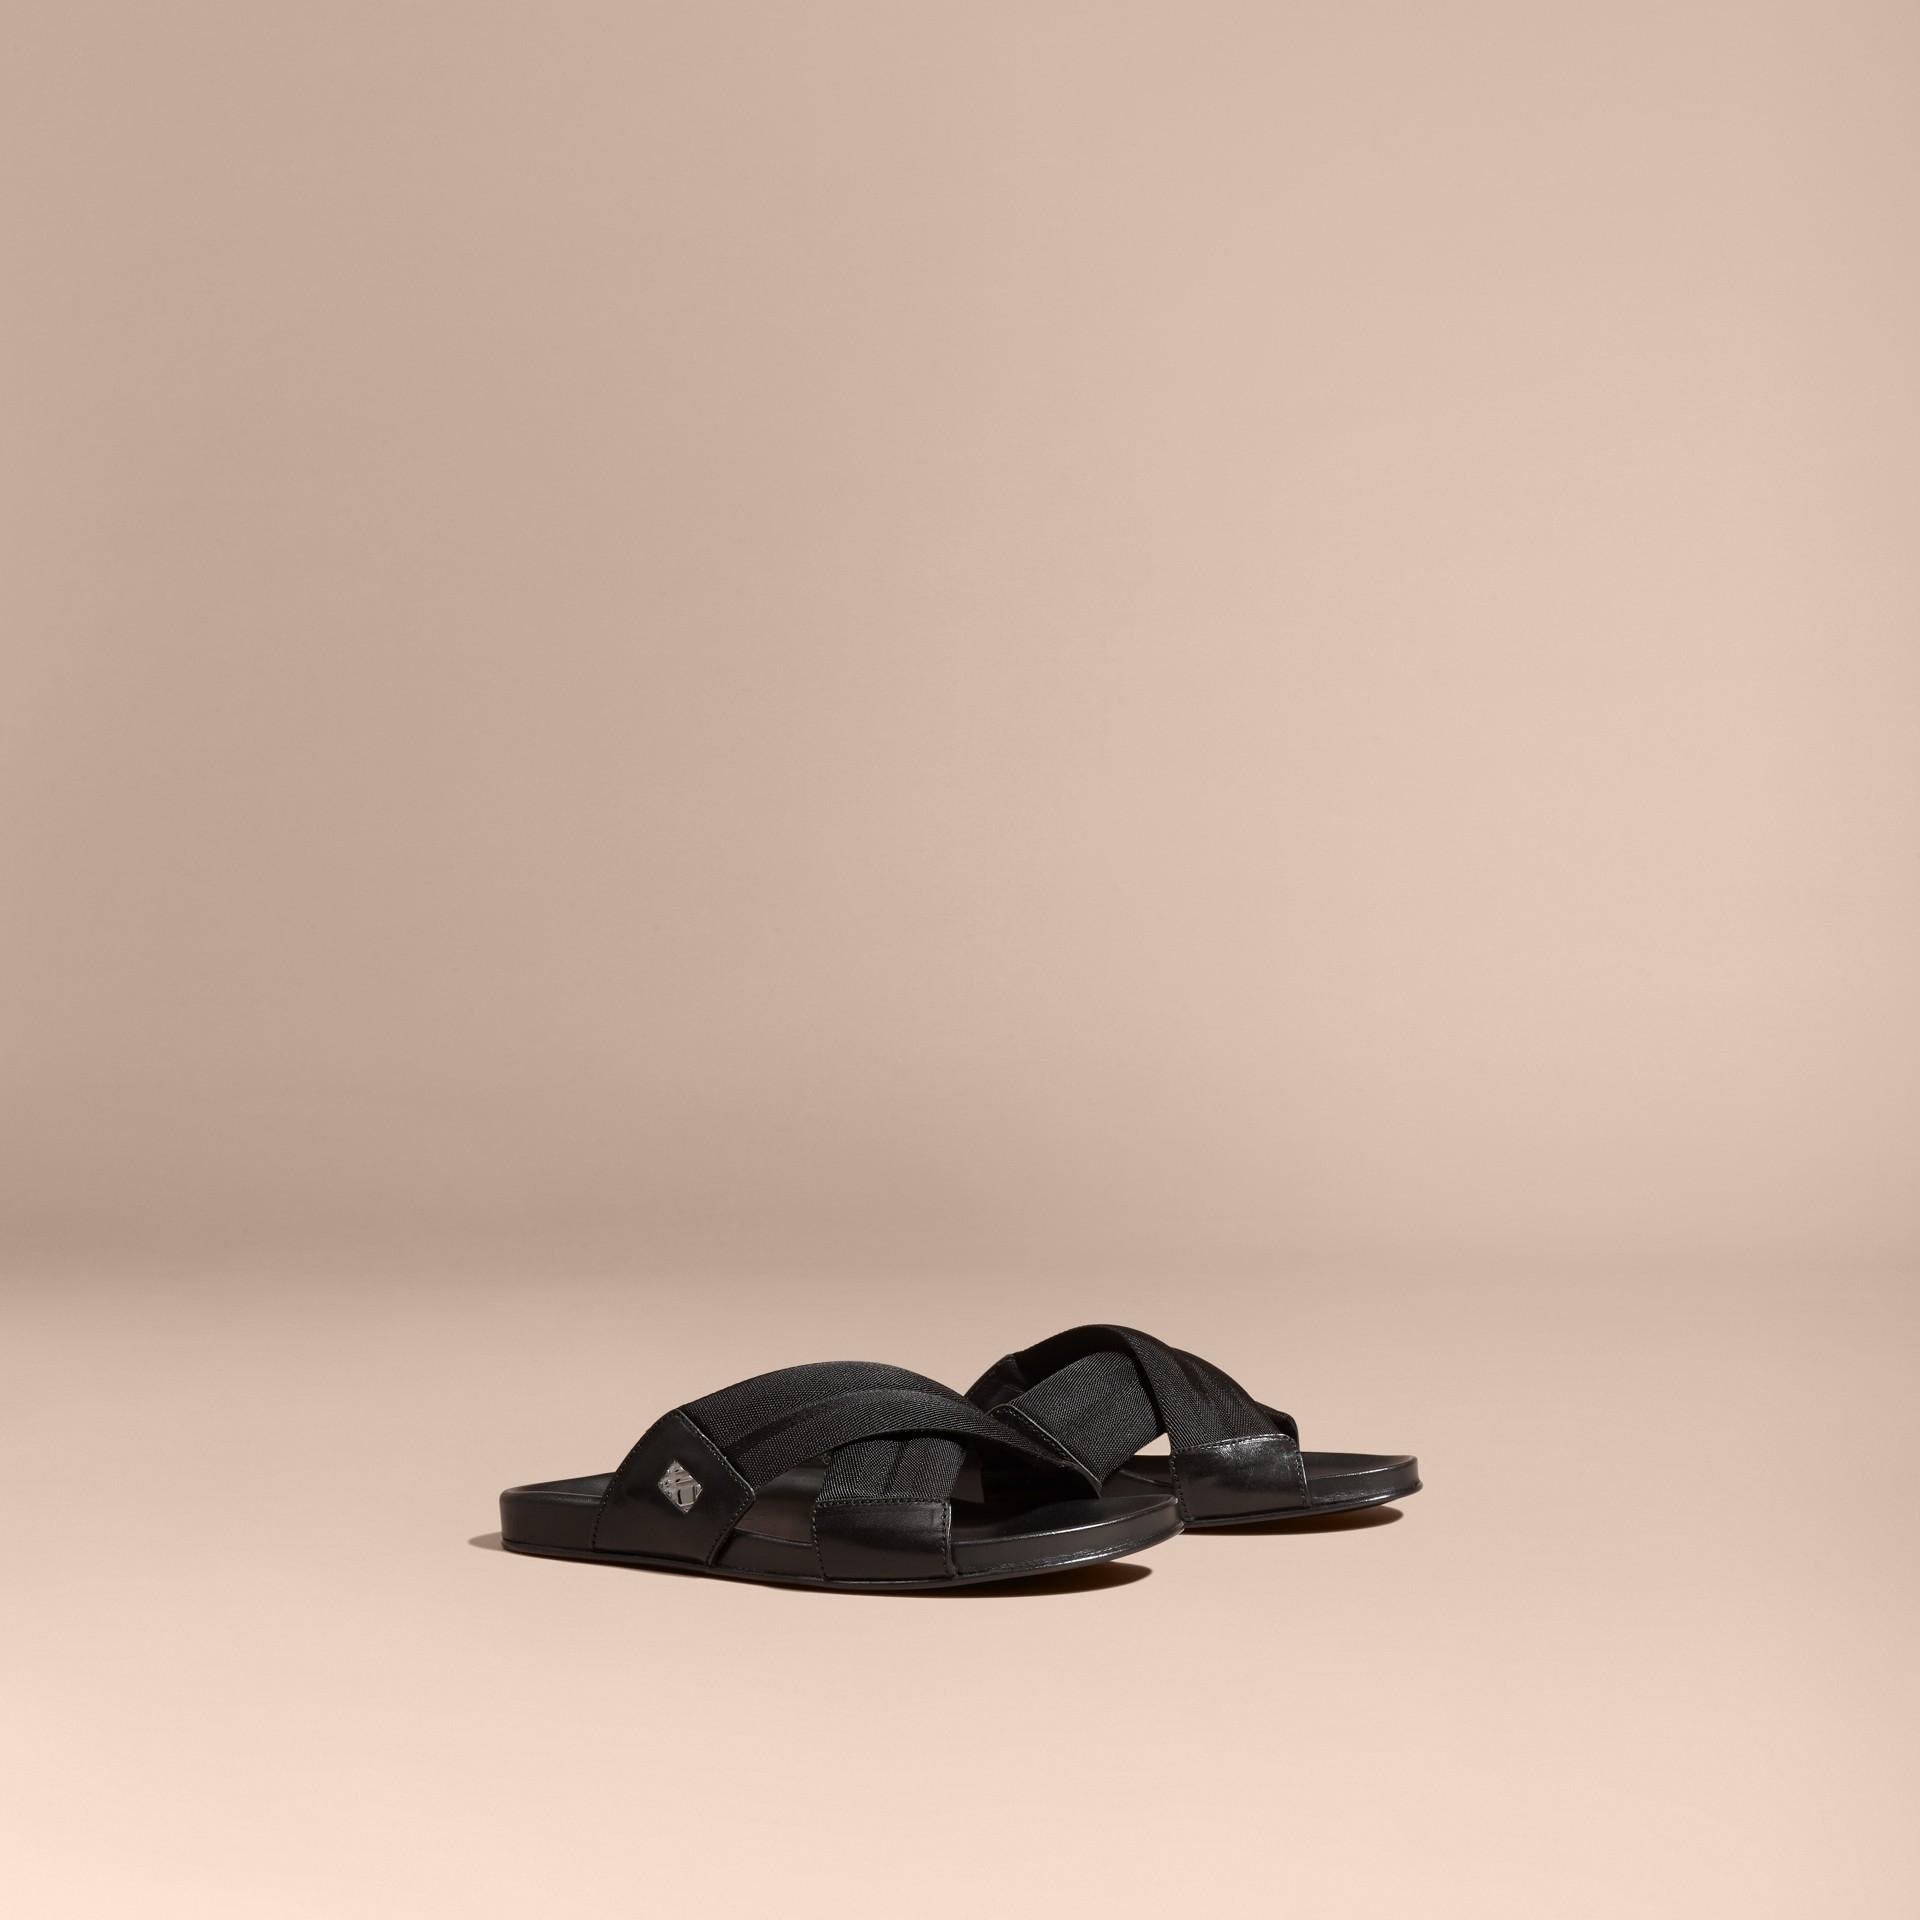 Noir Sandales en cuir et toile technique avec ornements check - photo de la galerie 1